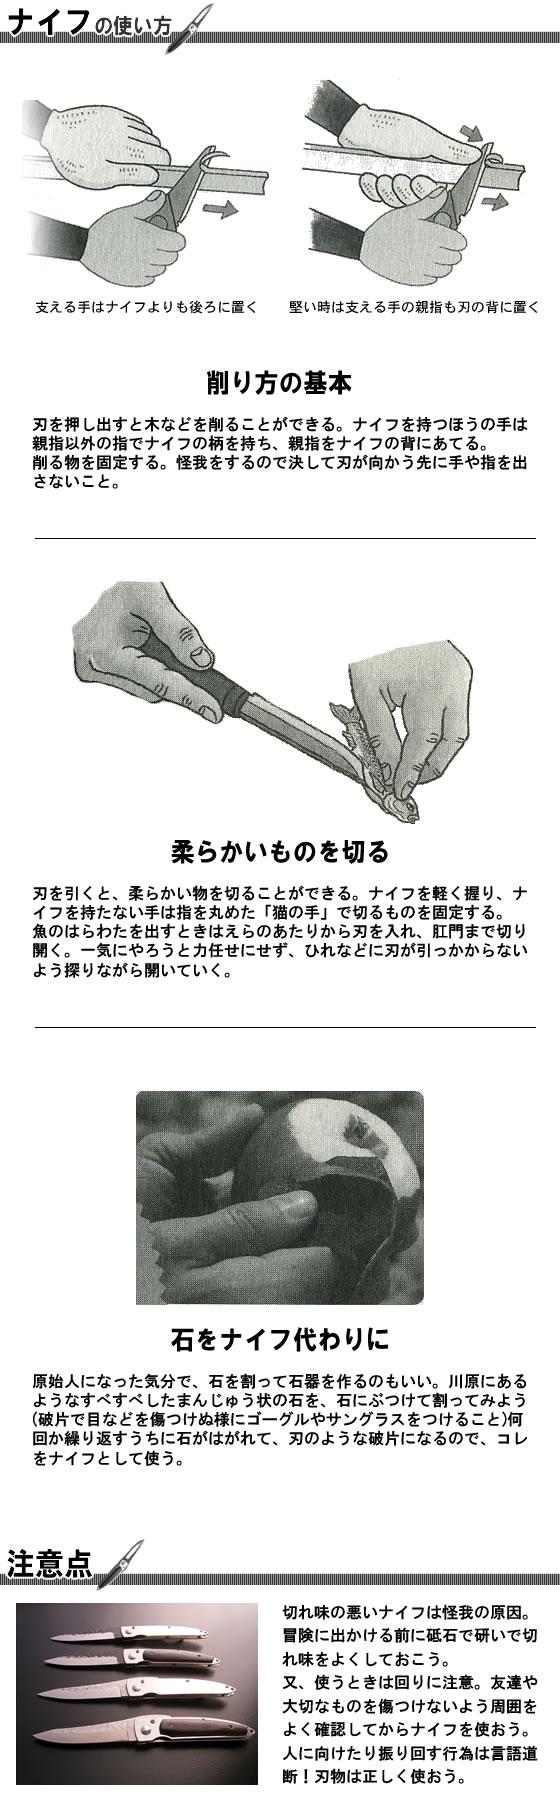 ナイフの使い方